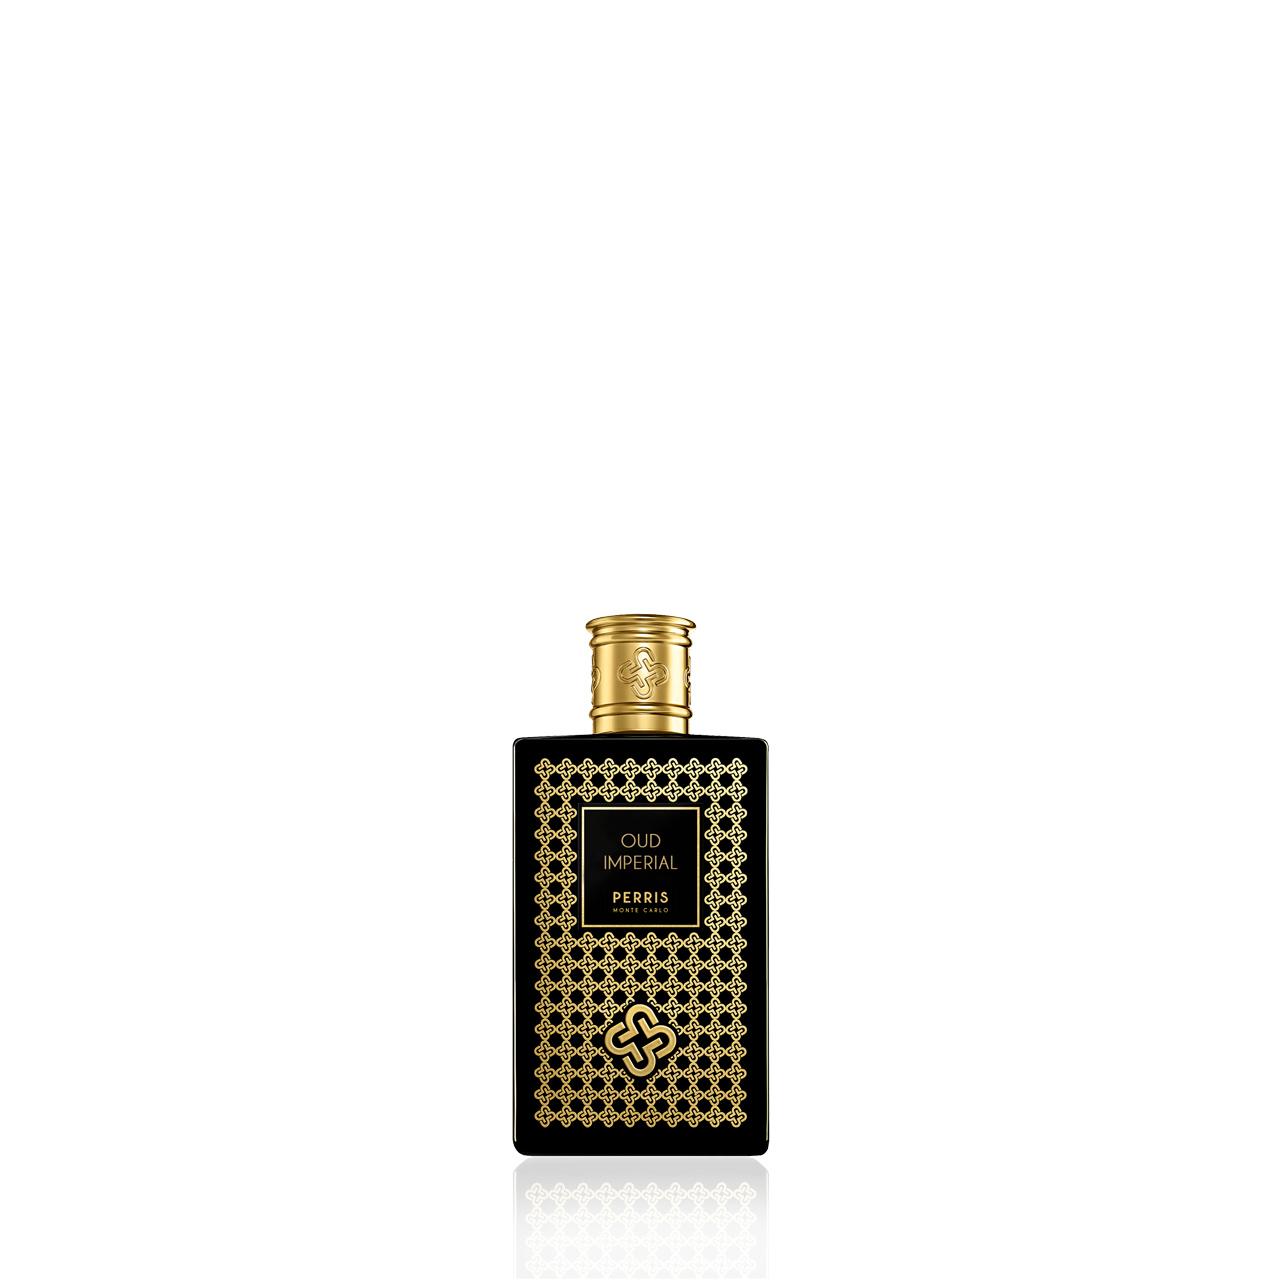 Oud Imperial - Eau de Parfum